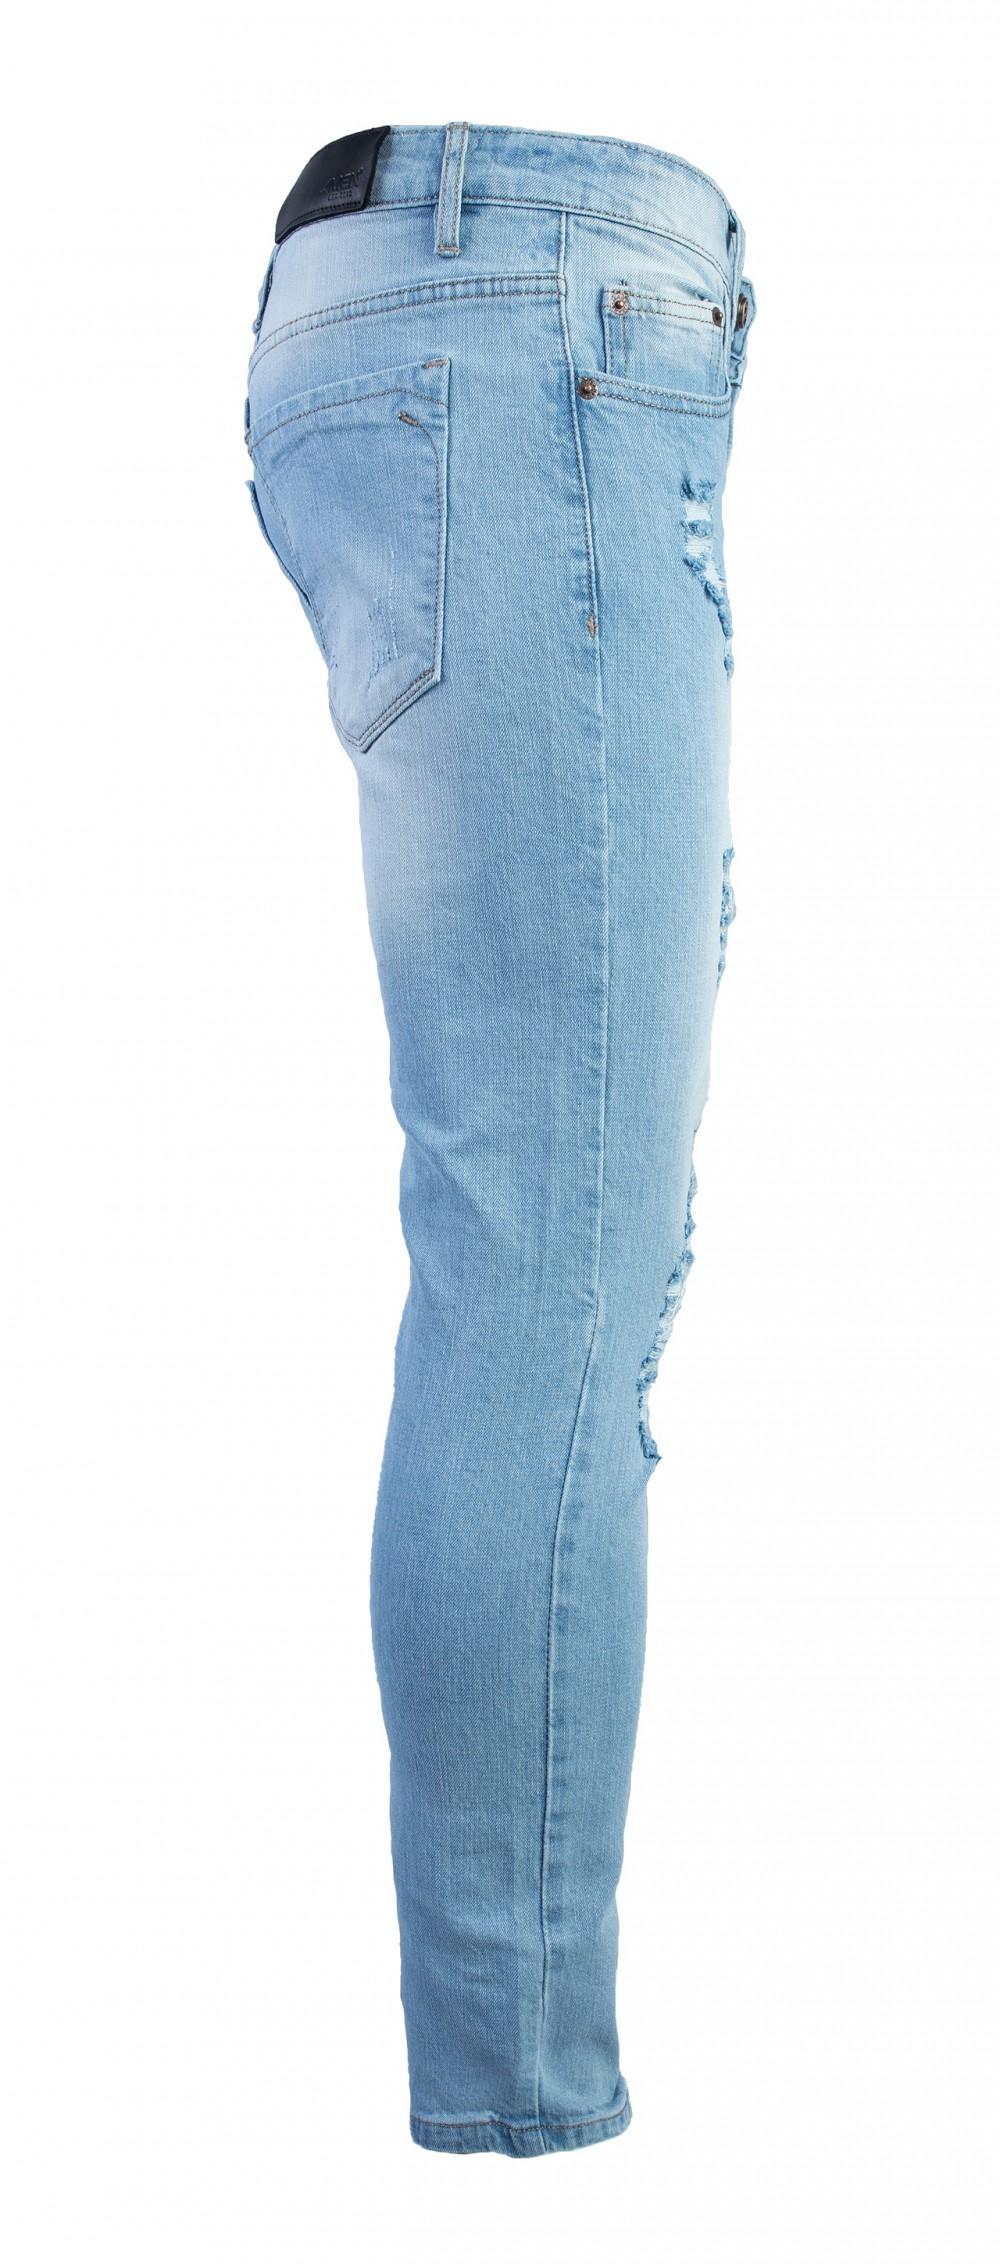 Quần jeans rách xanh qj1575 - 2